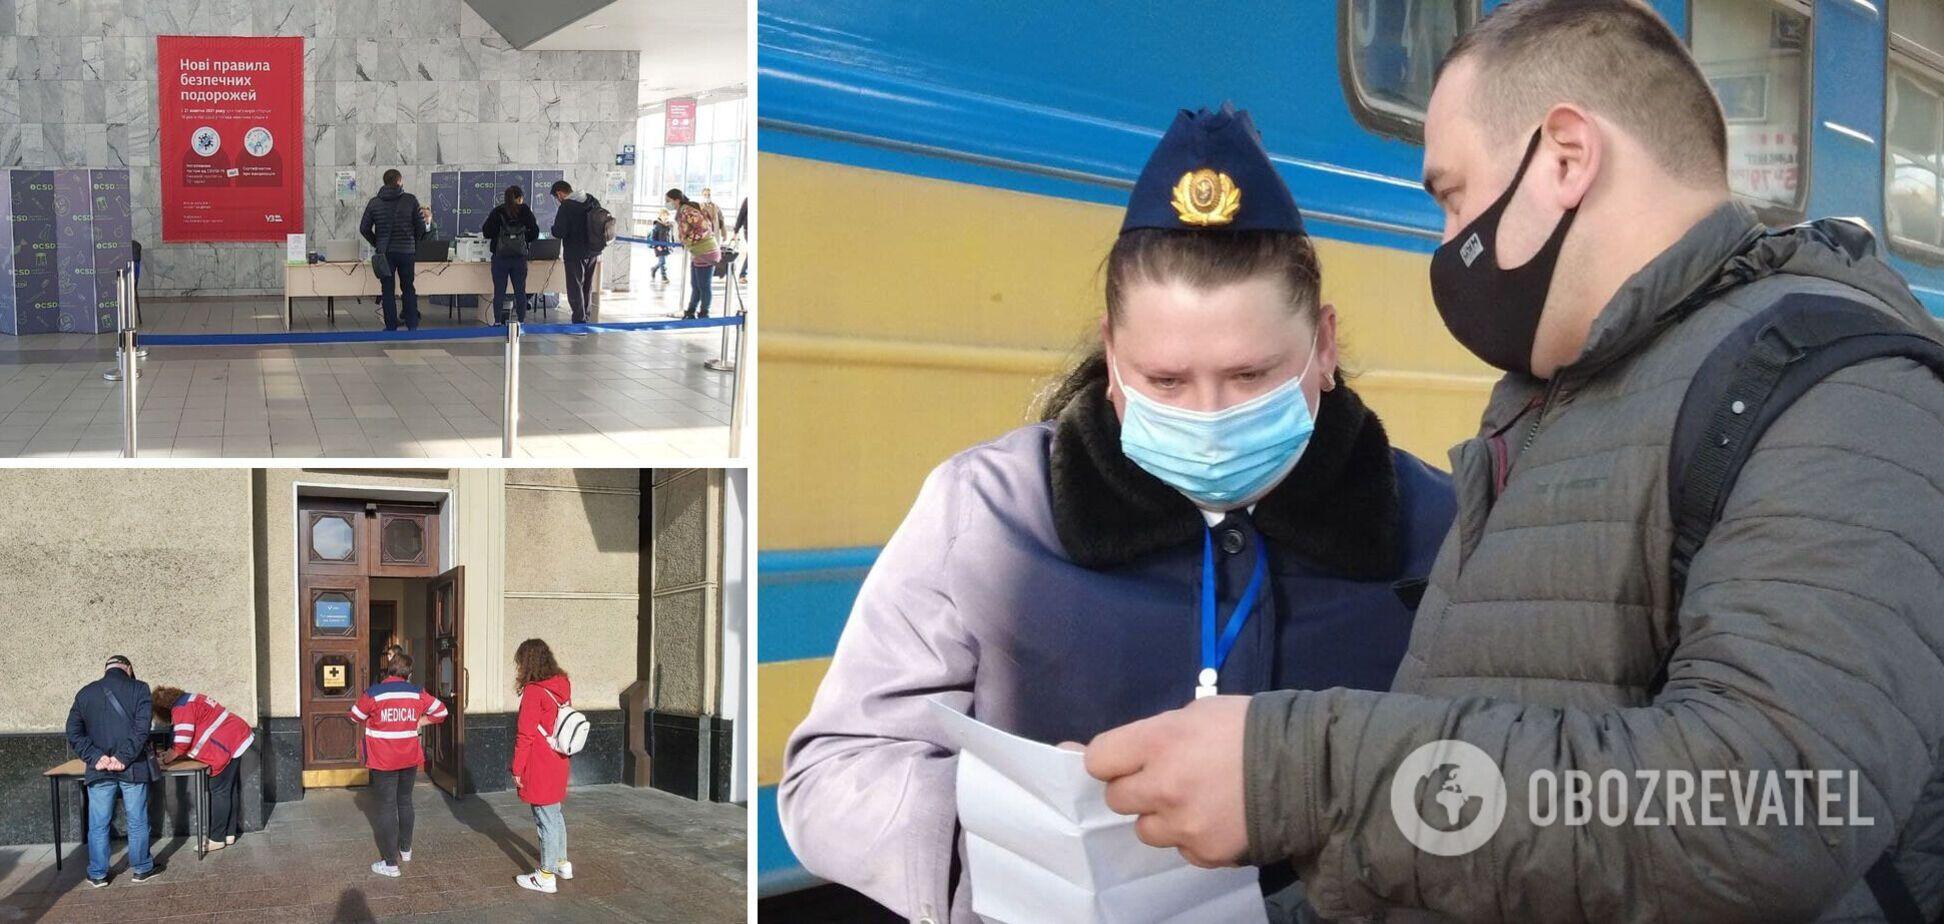 Для пассажиров обустроили пункты вакцинации и тестирования